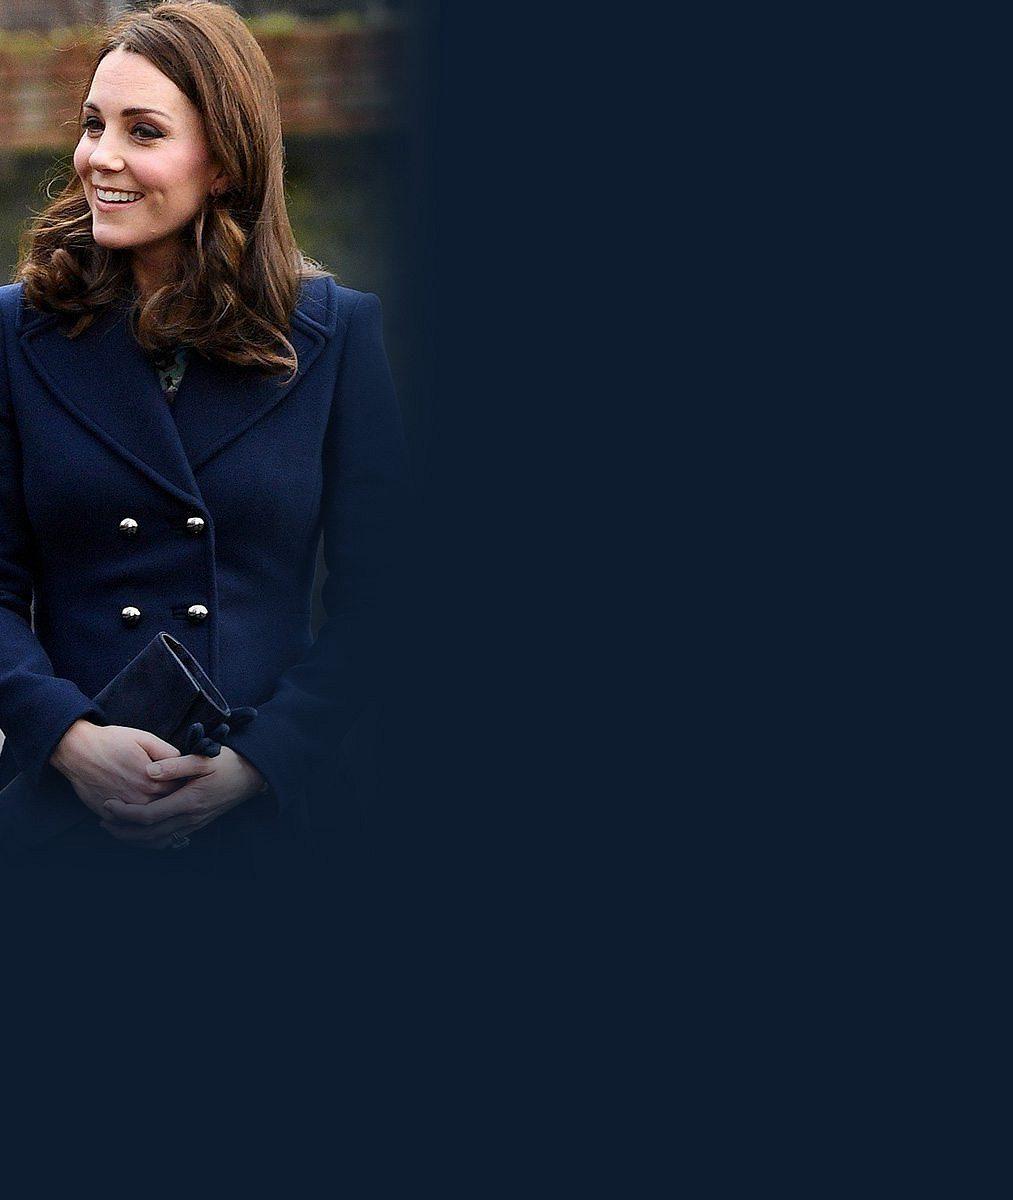 Těhotná vévodkyně Kate poslala dvouletou dcerku do školky a svým úsměvem přišla podpořit i jiné děti